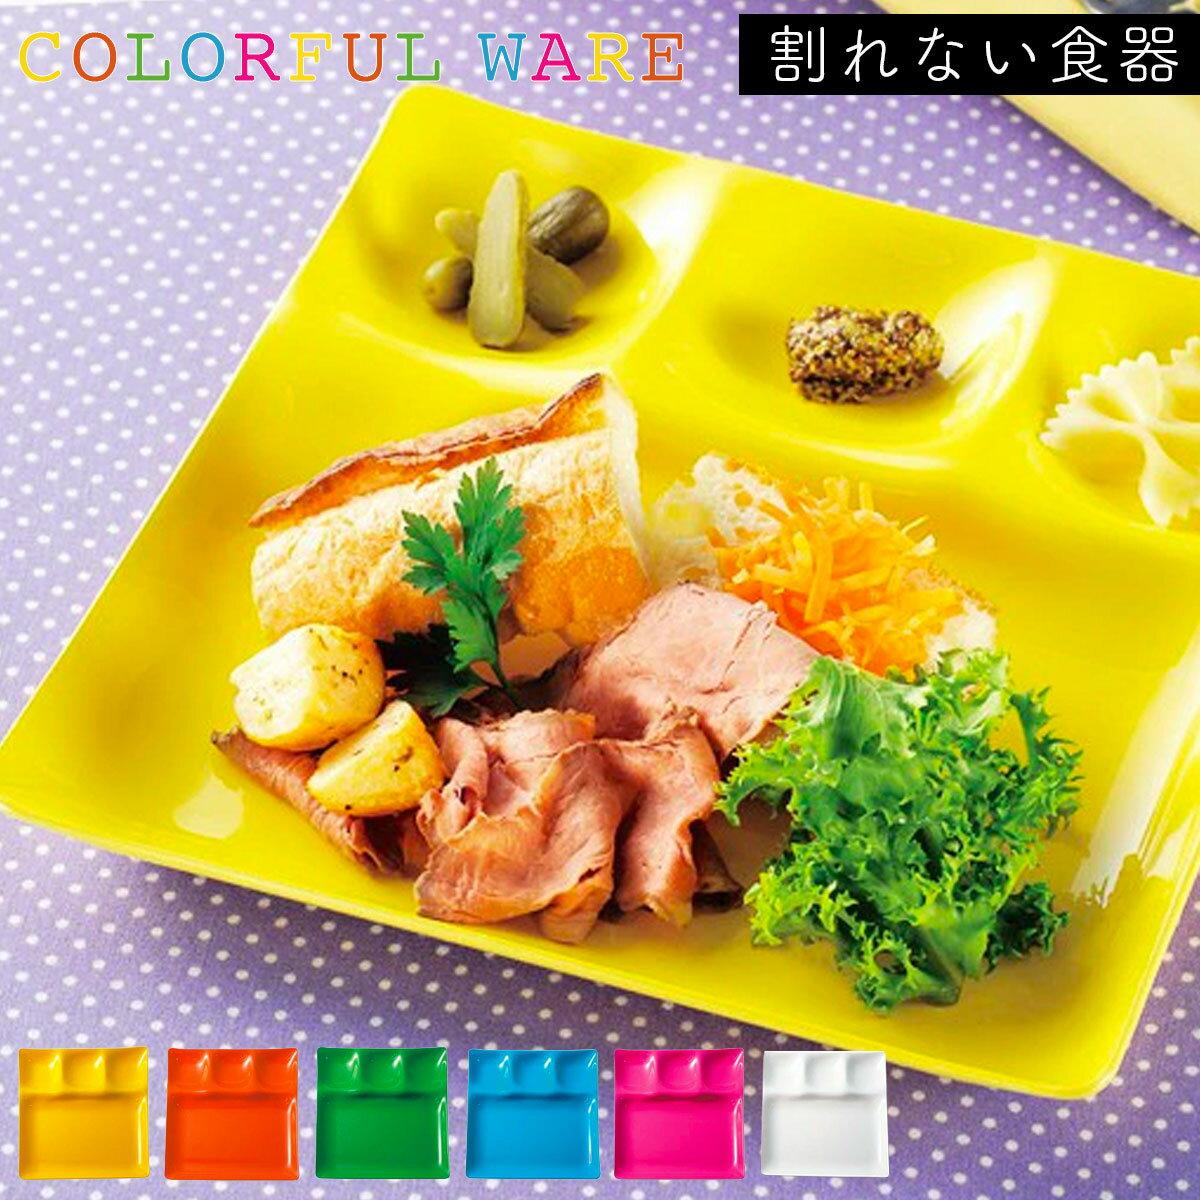 ランチプレート 皿 軽い プラスチック パーティ 仕切り 四角 日本製 電子レンジ対応 食洗機対応 食洗器対応 Party Plate スリーワンプレート